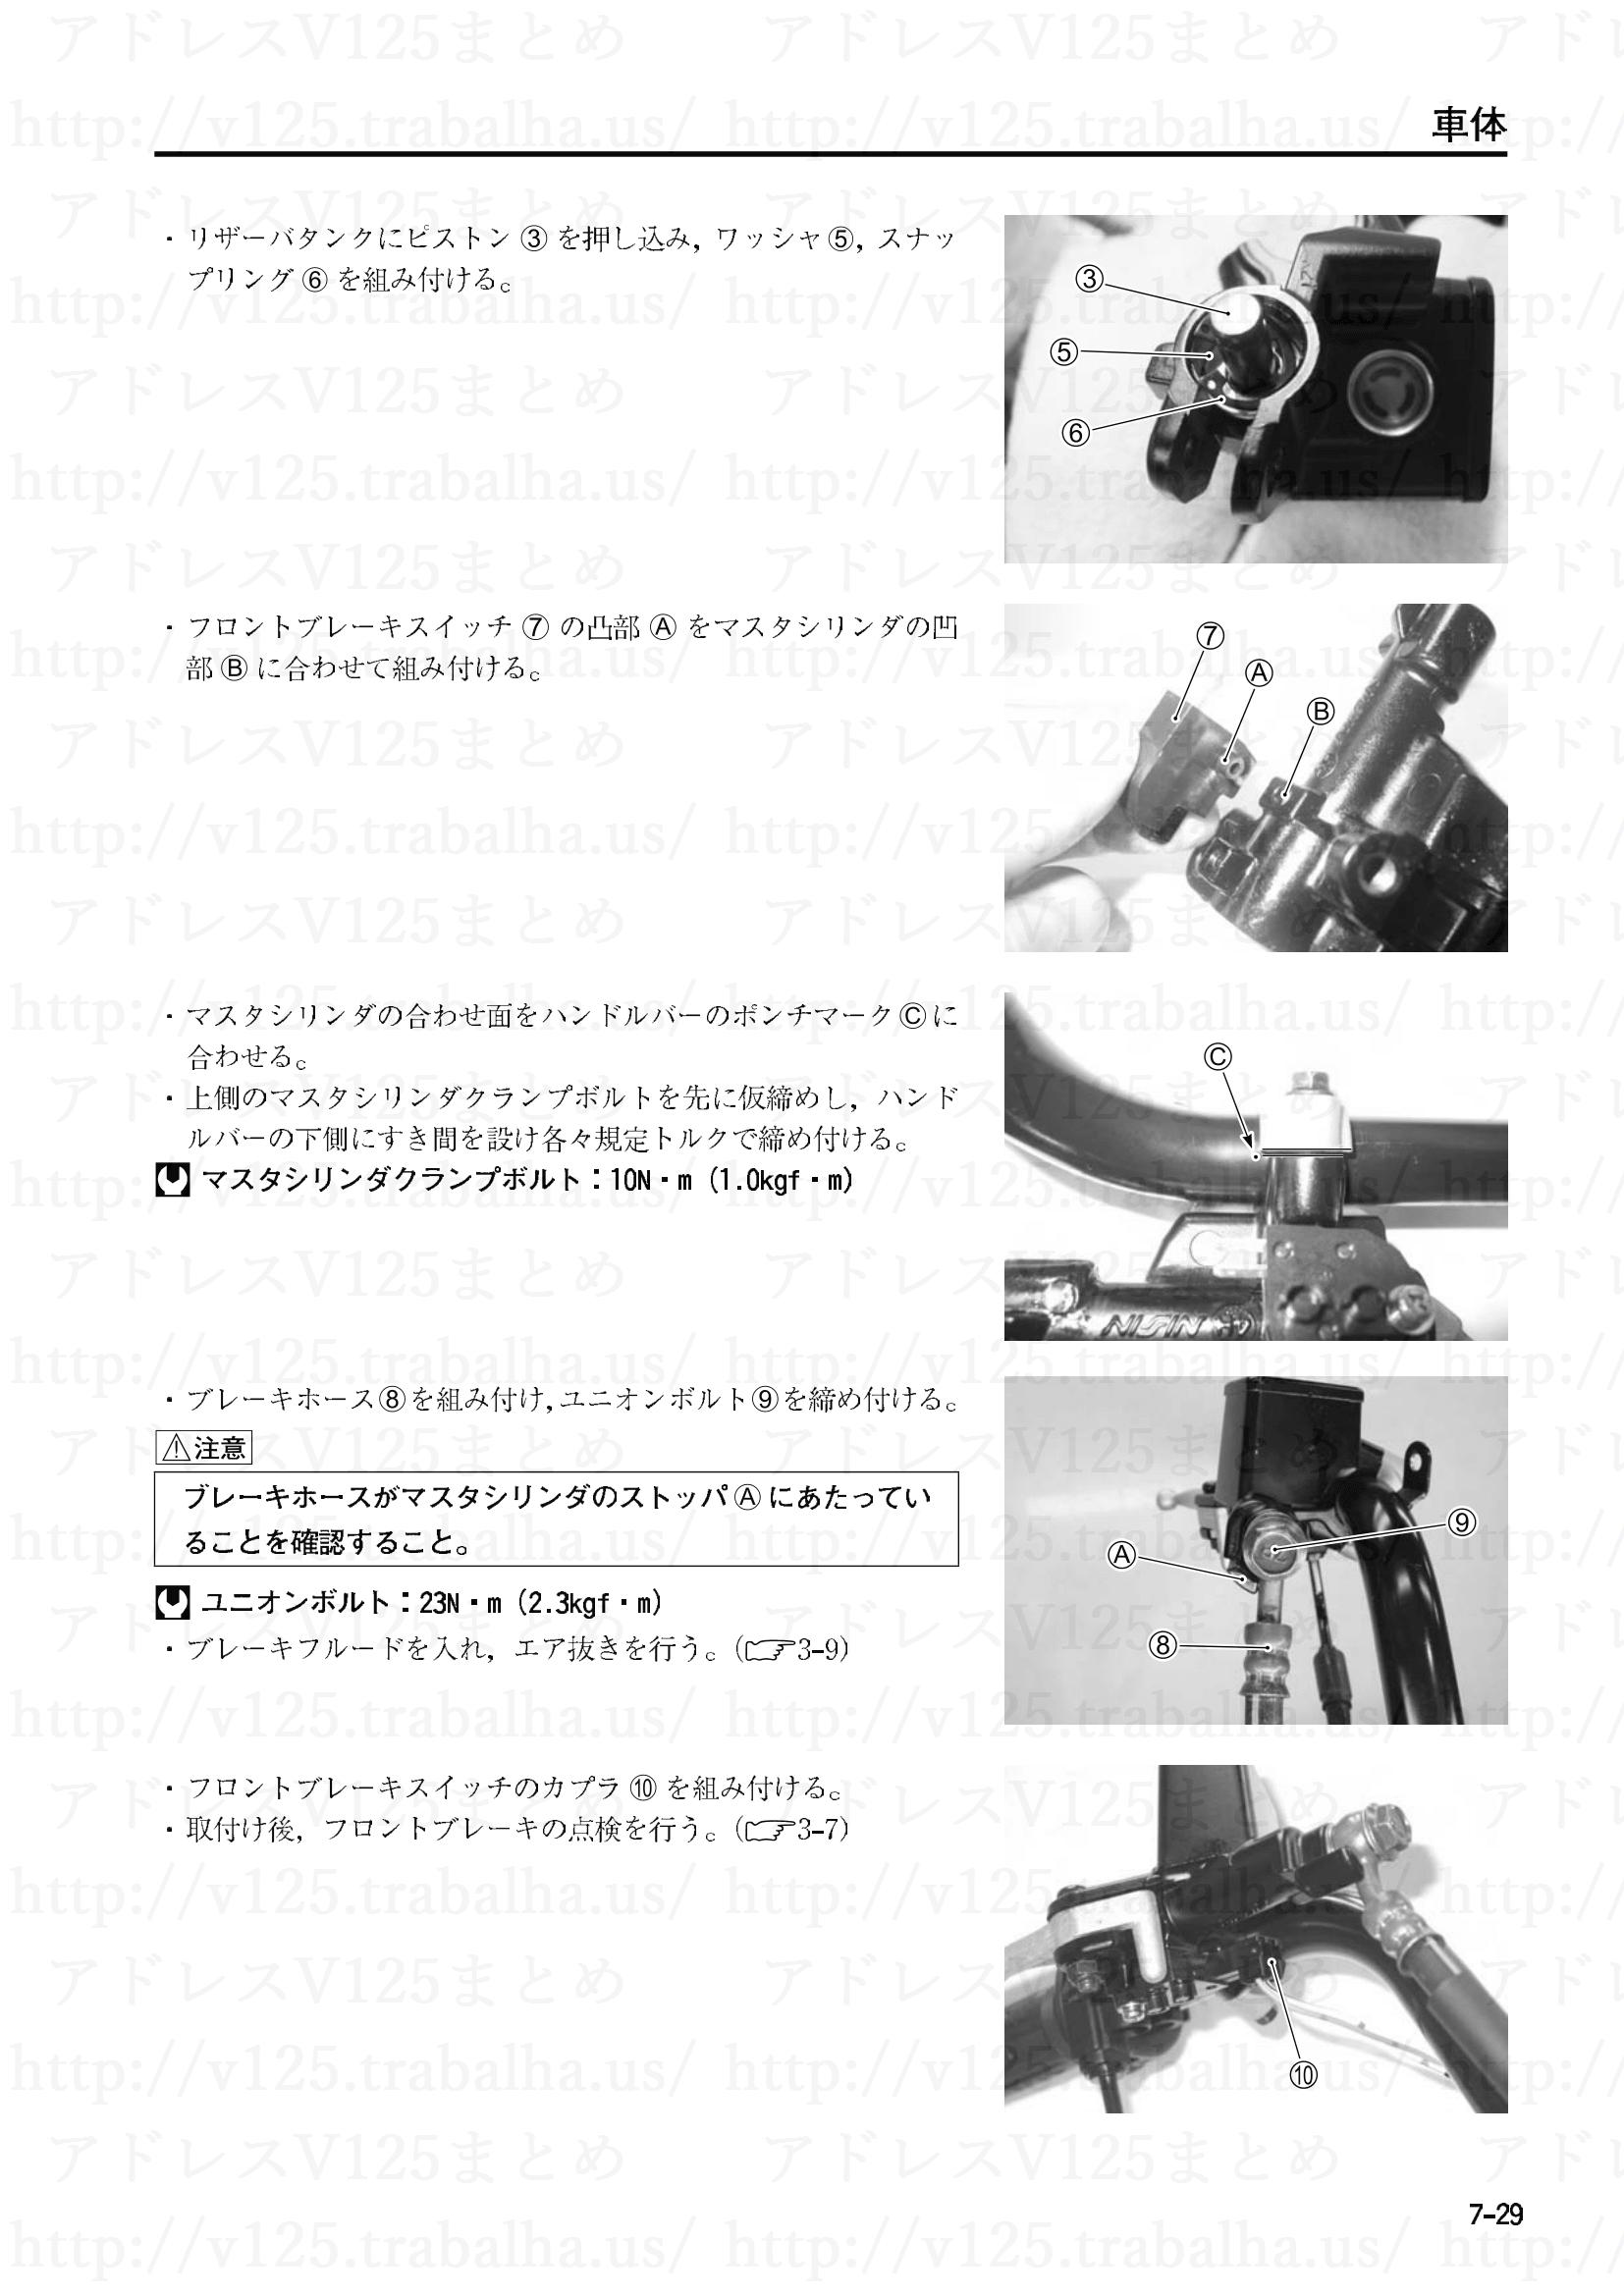 7-29【車体】マスタシリンダの取外しと分解2